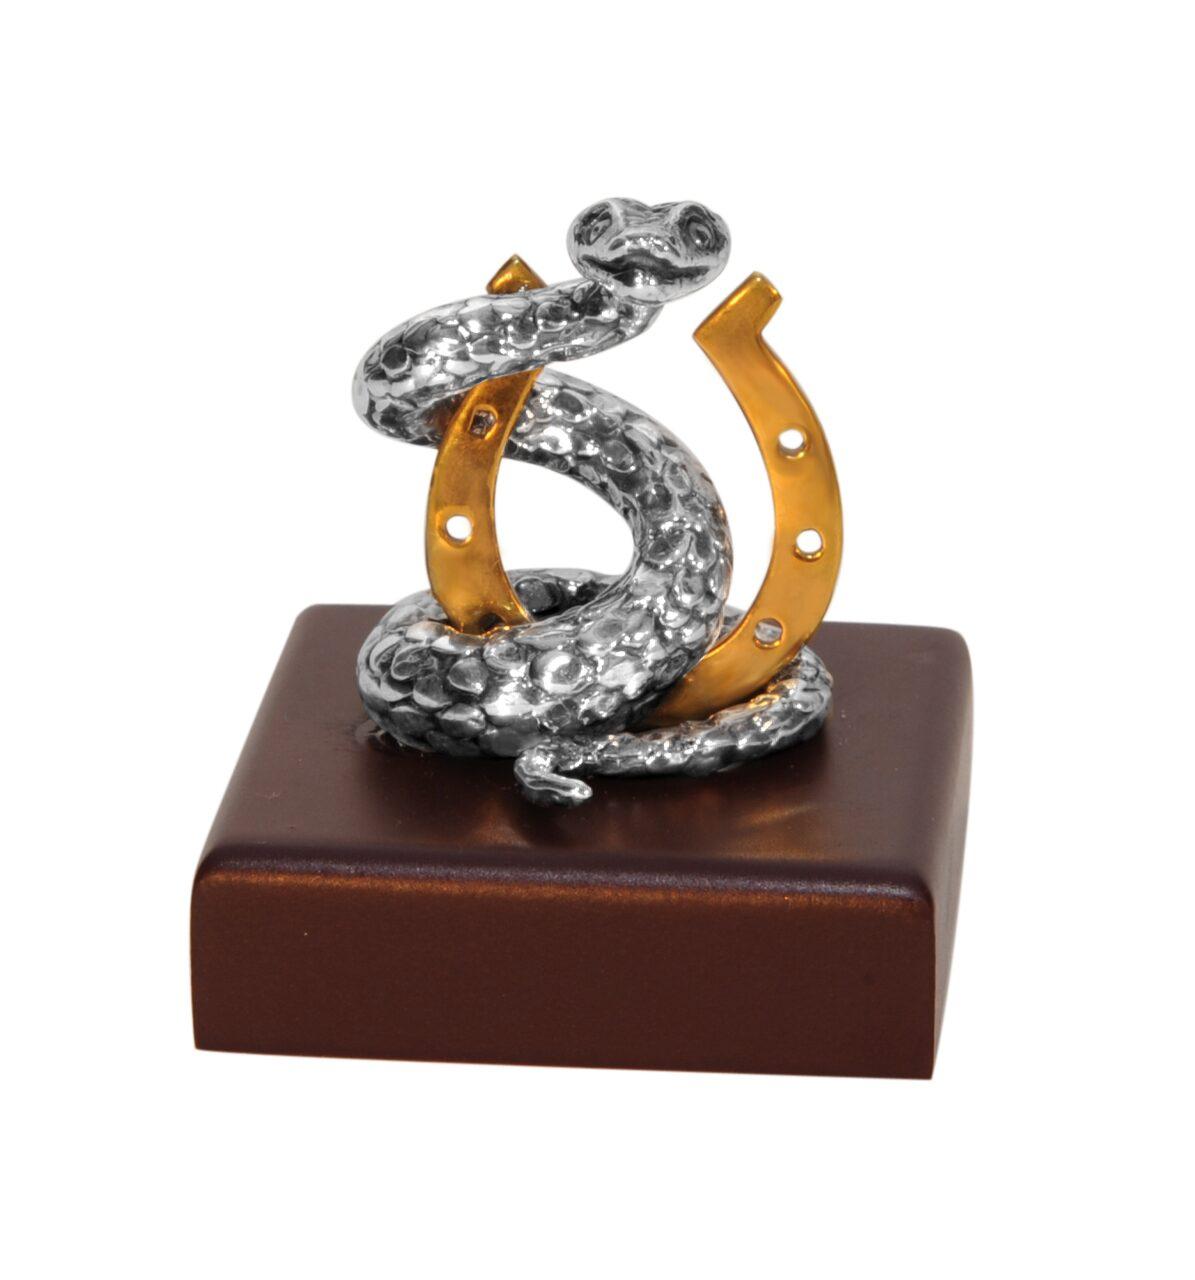 Серебряный сувенир Змея